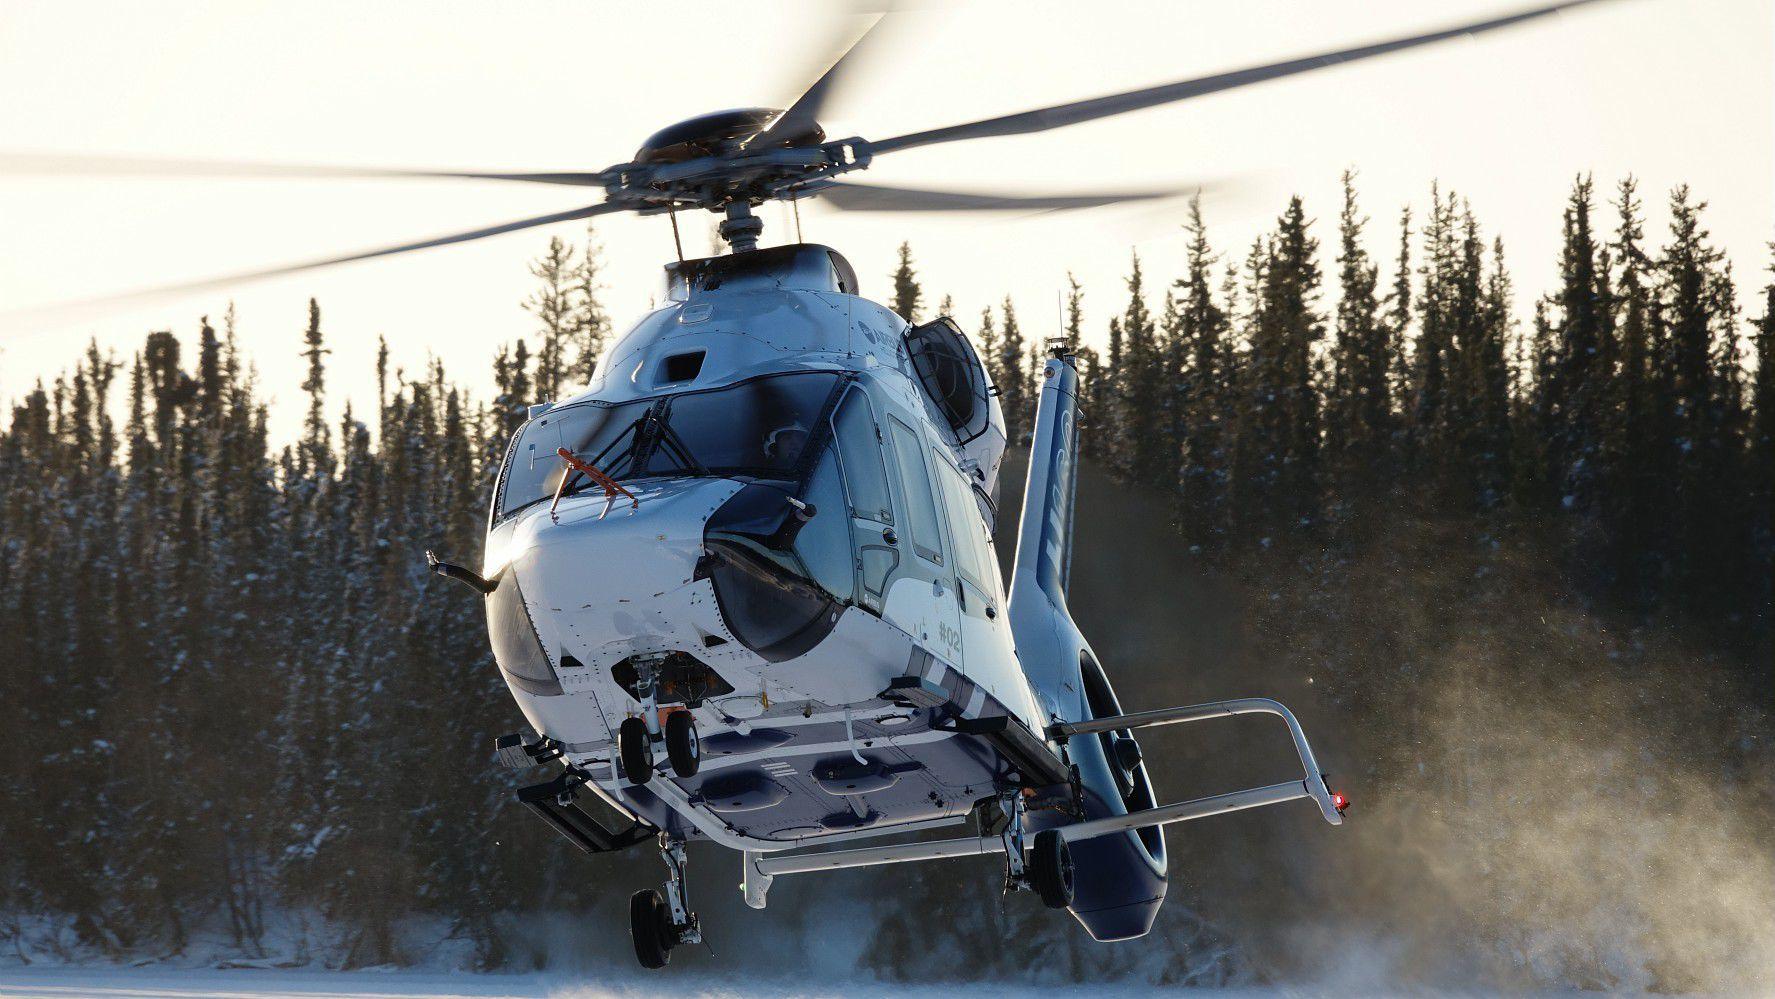 Km H Elicottero : La nostra flotta di elicotteri elimast servizi in elicottero